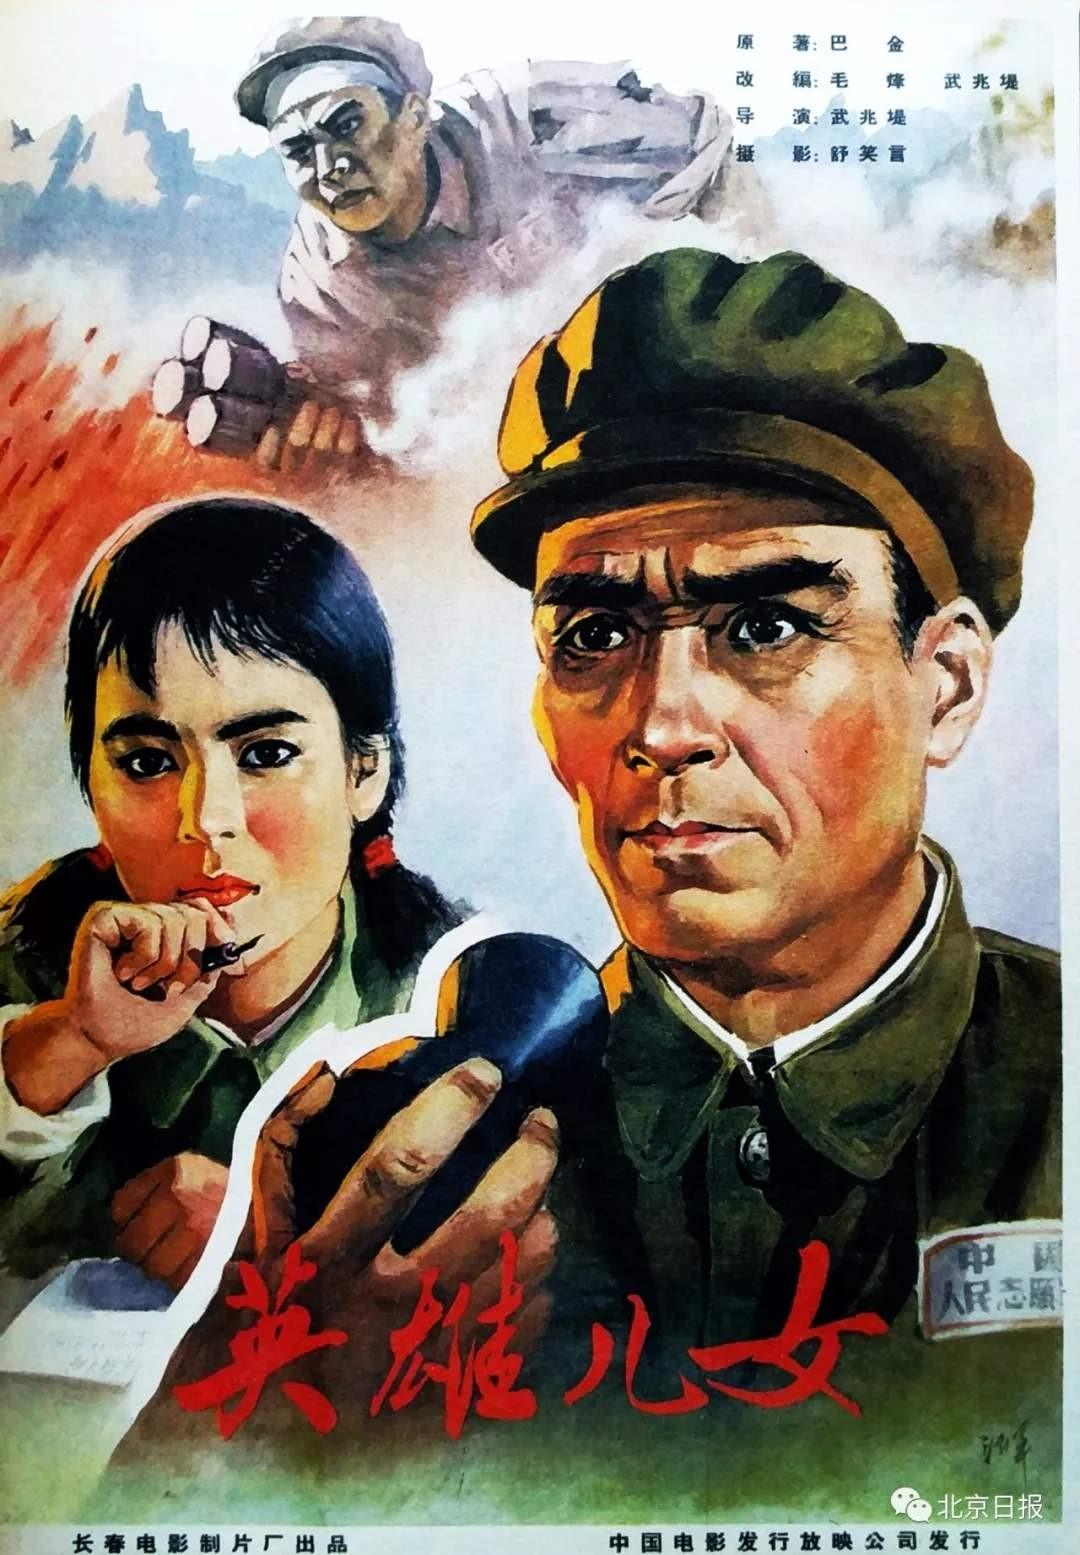 抗美援朝的影音记忆 英雄儿女卫家国 舍生忘死保和平